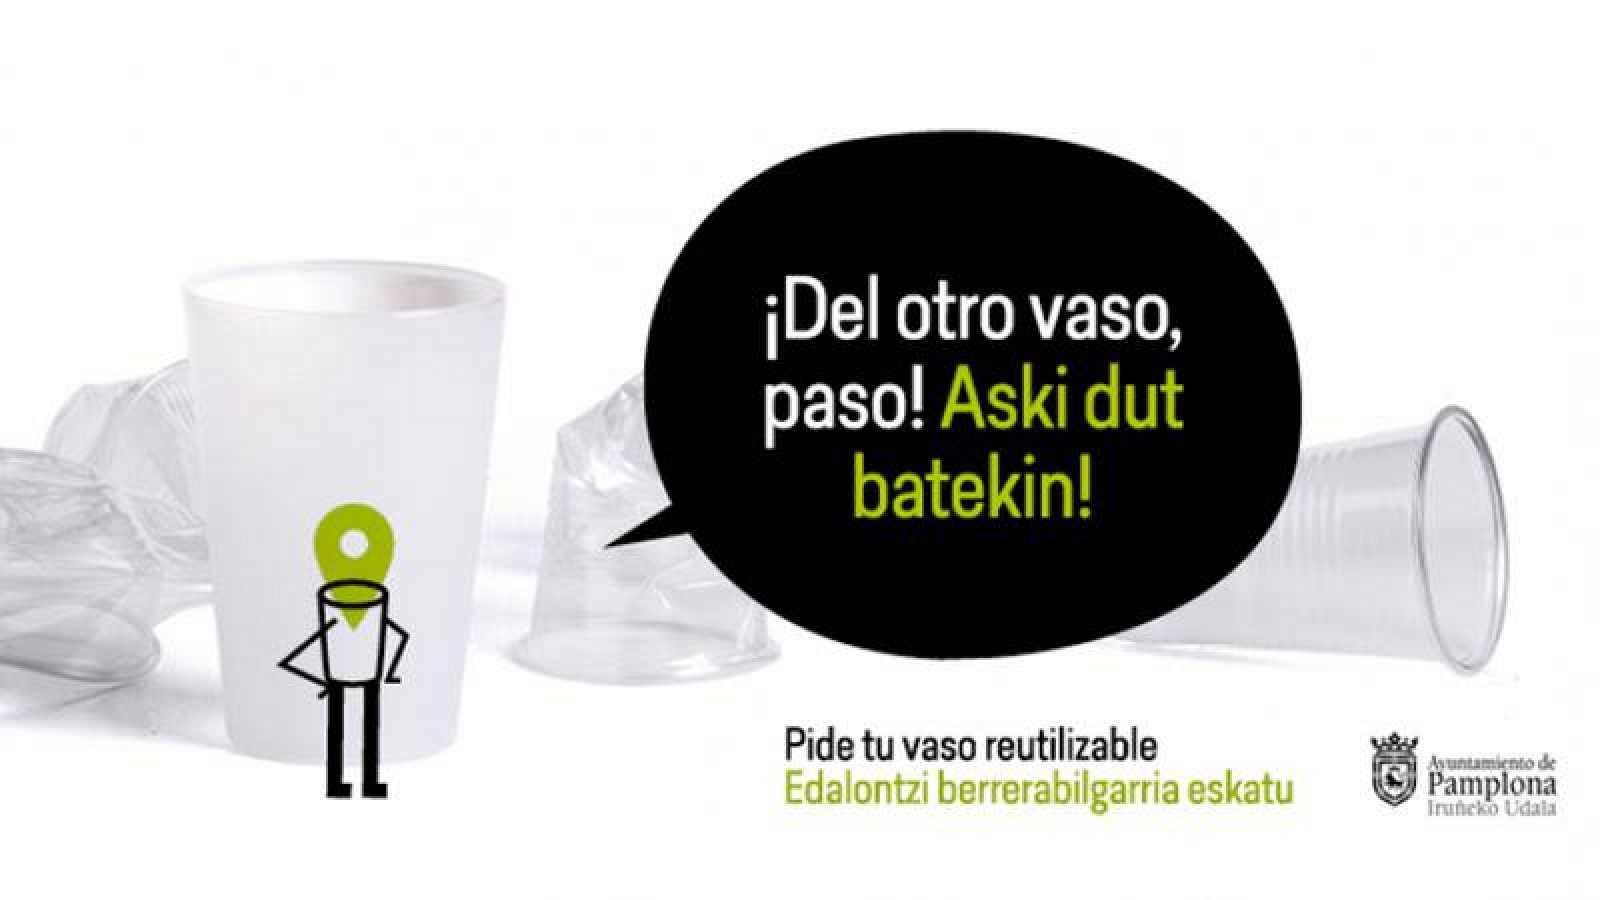 Campaña del Ayuntamiento de Pamplona para usar vasos reutilizables en los Sanfermines